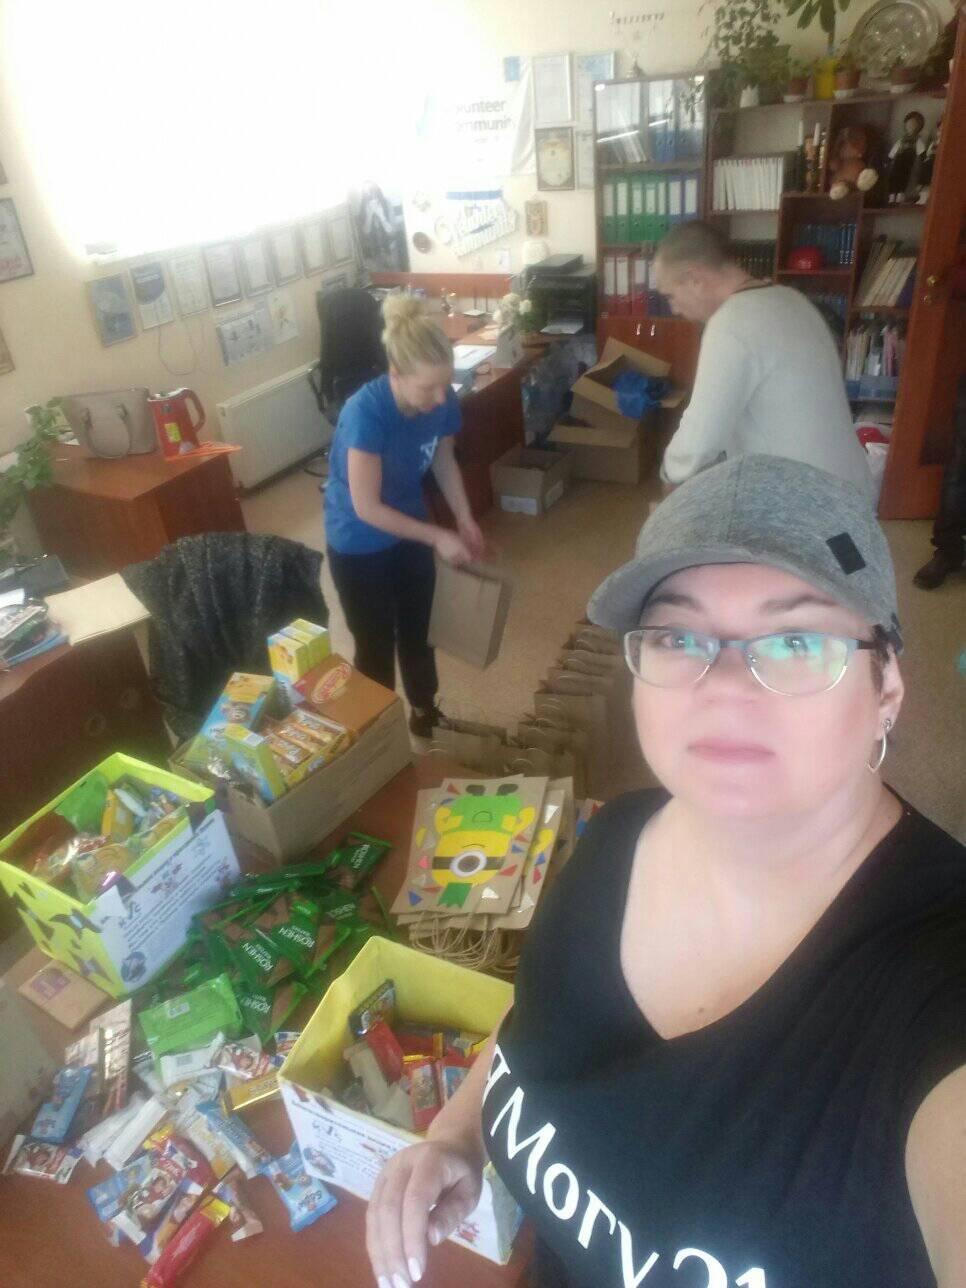 Веселье, подарки и помощь нуждающимся: еврейская община Кривого Рога отмечает Пурим, - ФОТО, фото-5